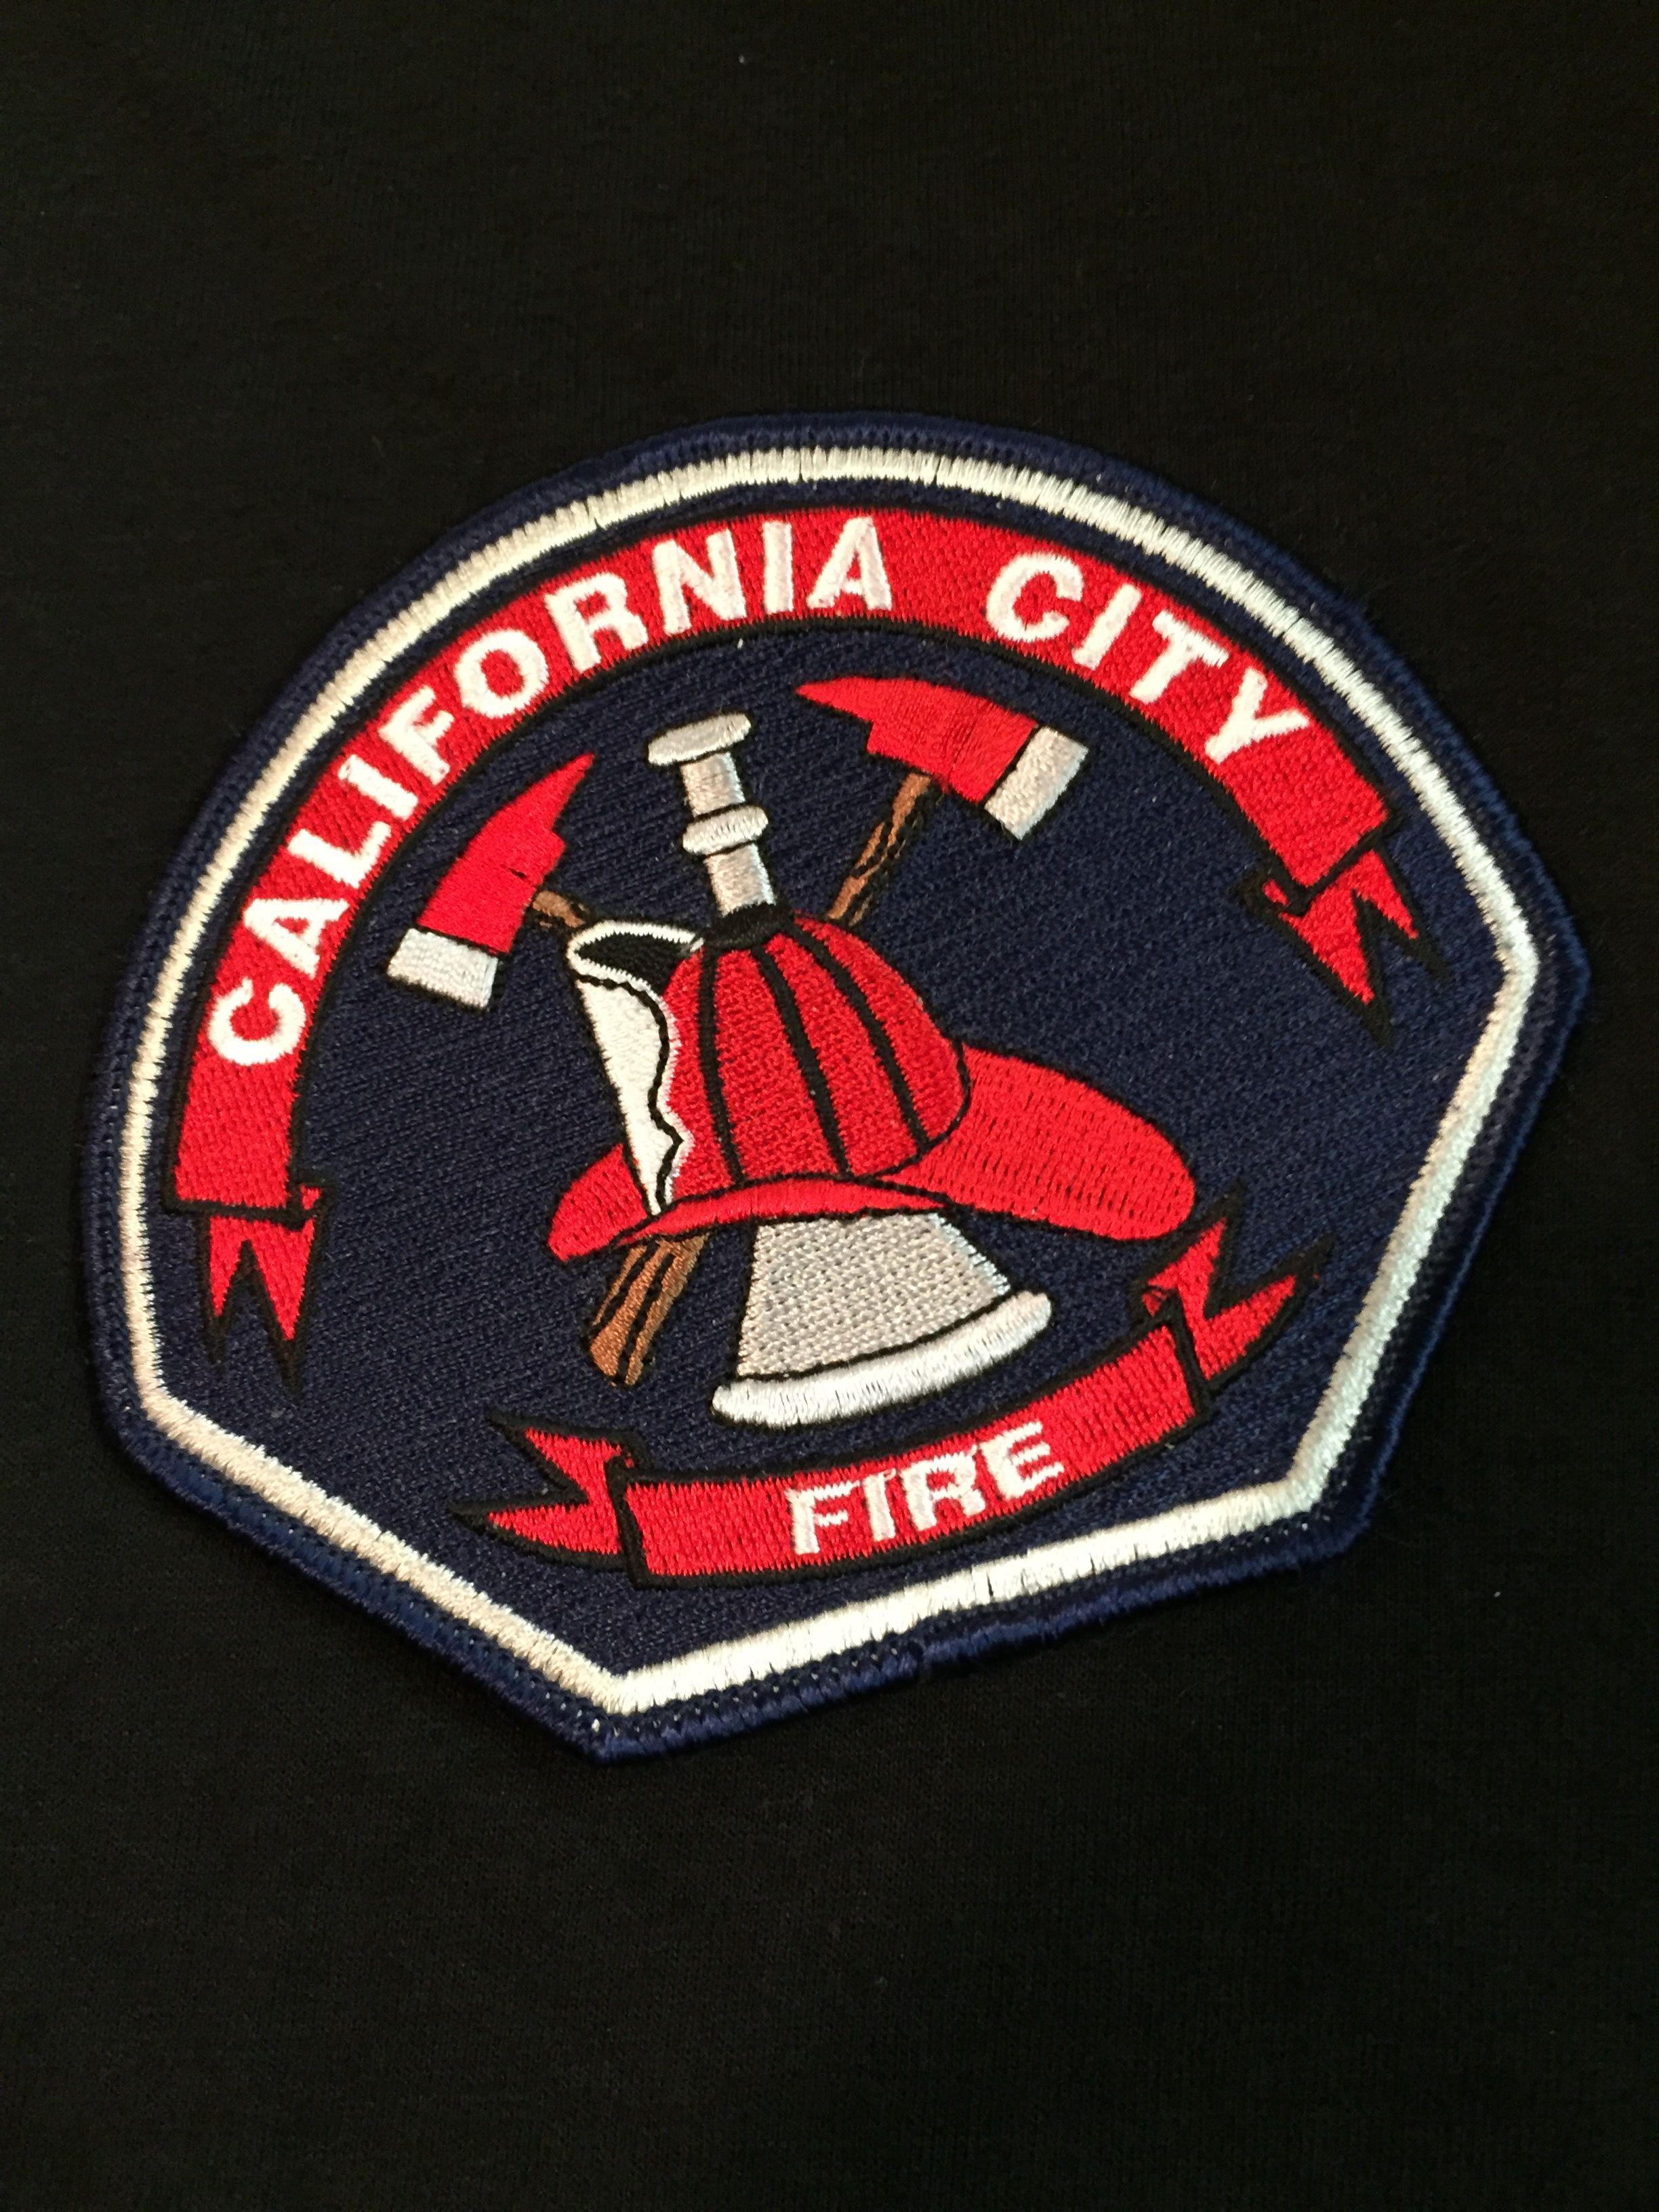 California City Fire Department Fire department